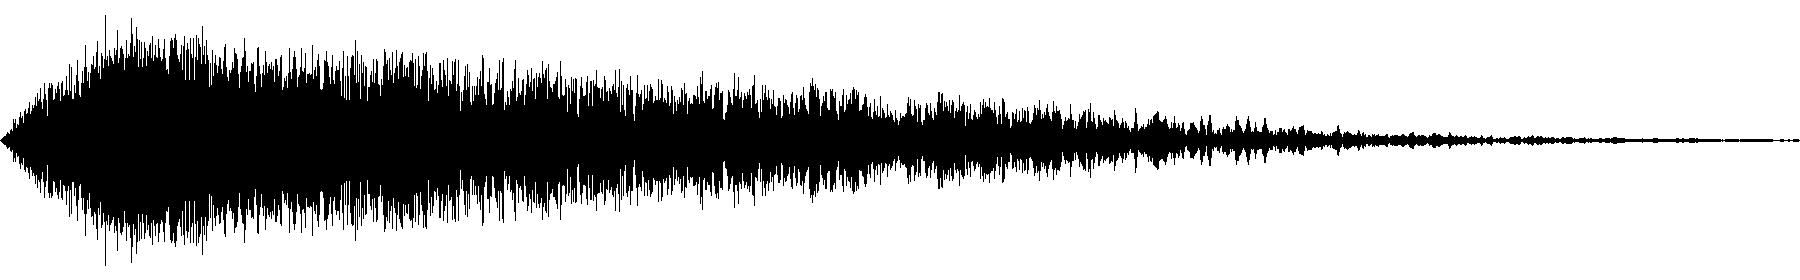 vfx1 atmos 53